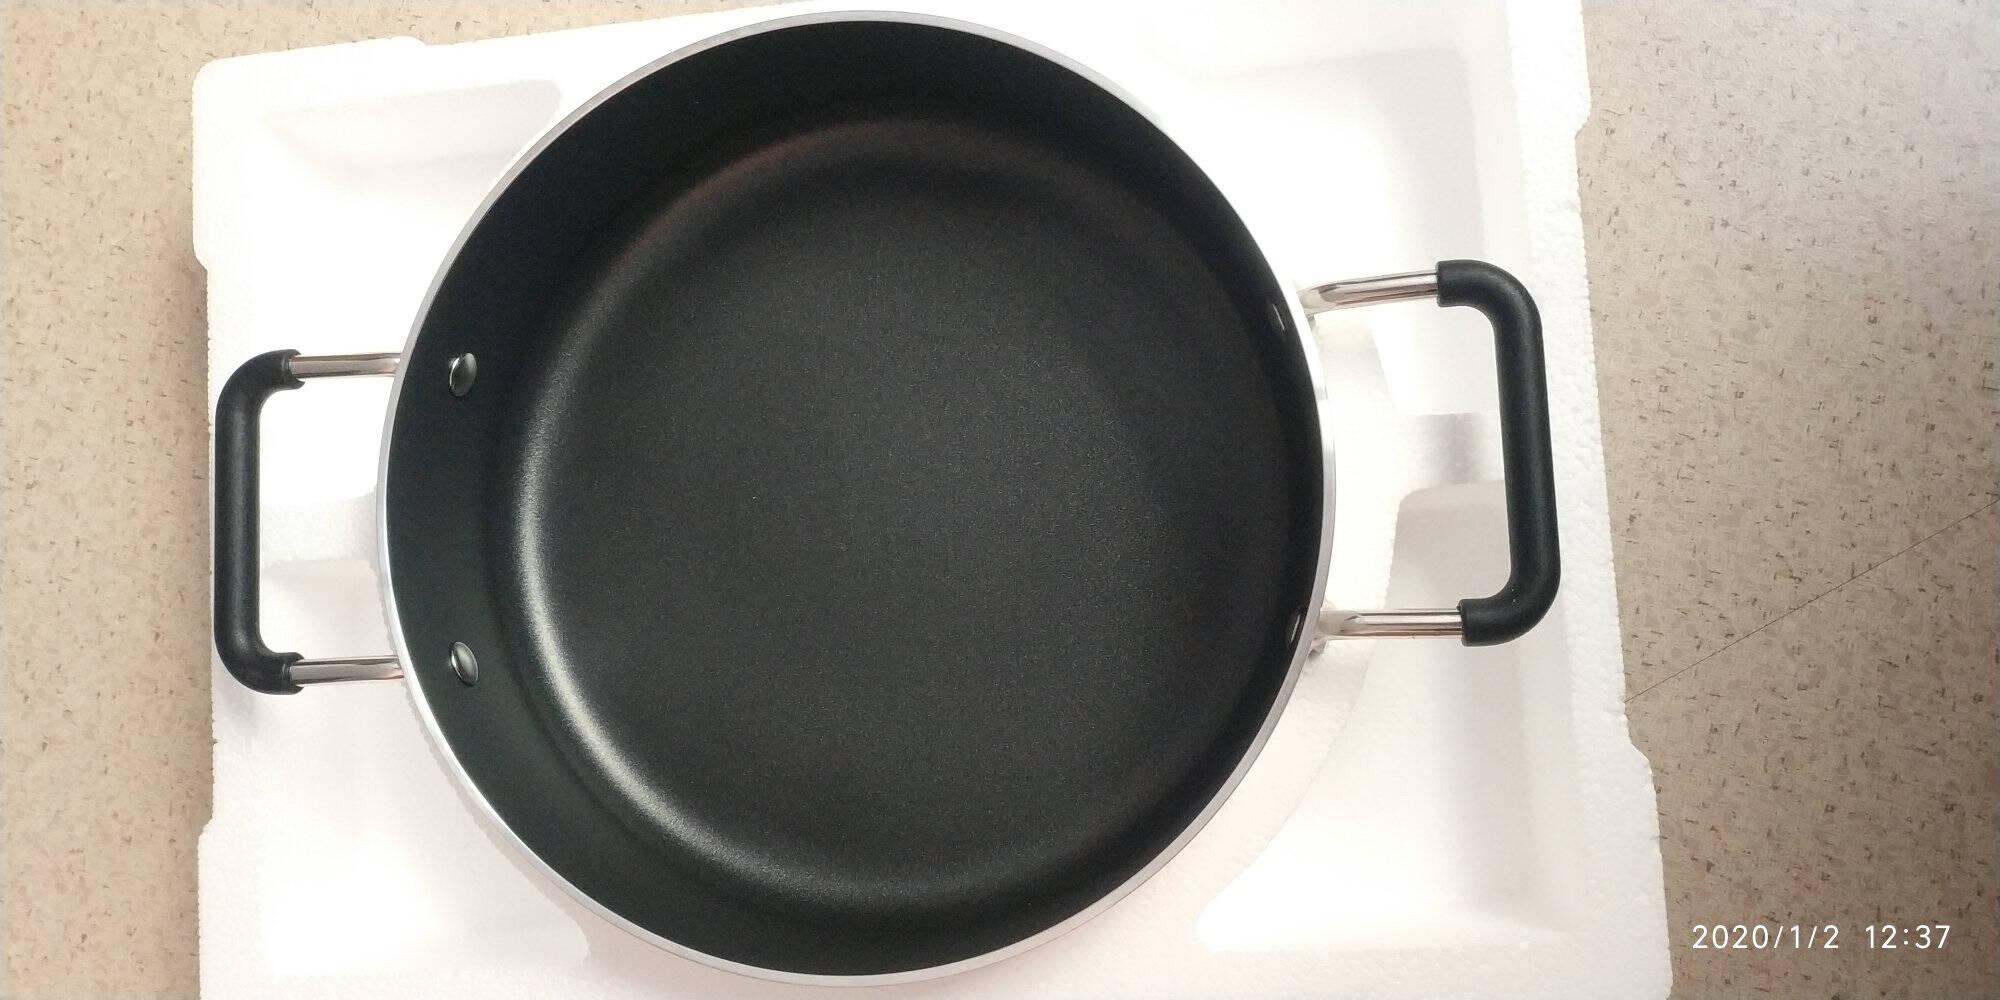 米家小米知吾煮汤锅4L食品级不黏涂层耐腐蚀易清洗26cm大口径煎煮炒炖火锅一锅多用